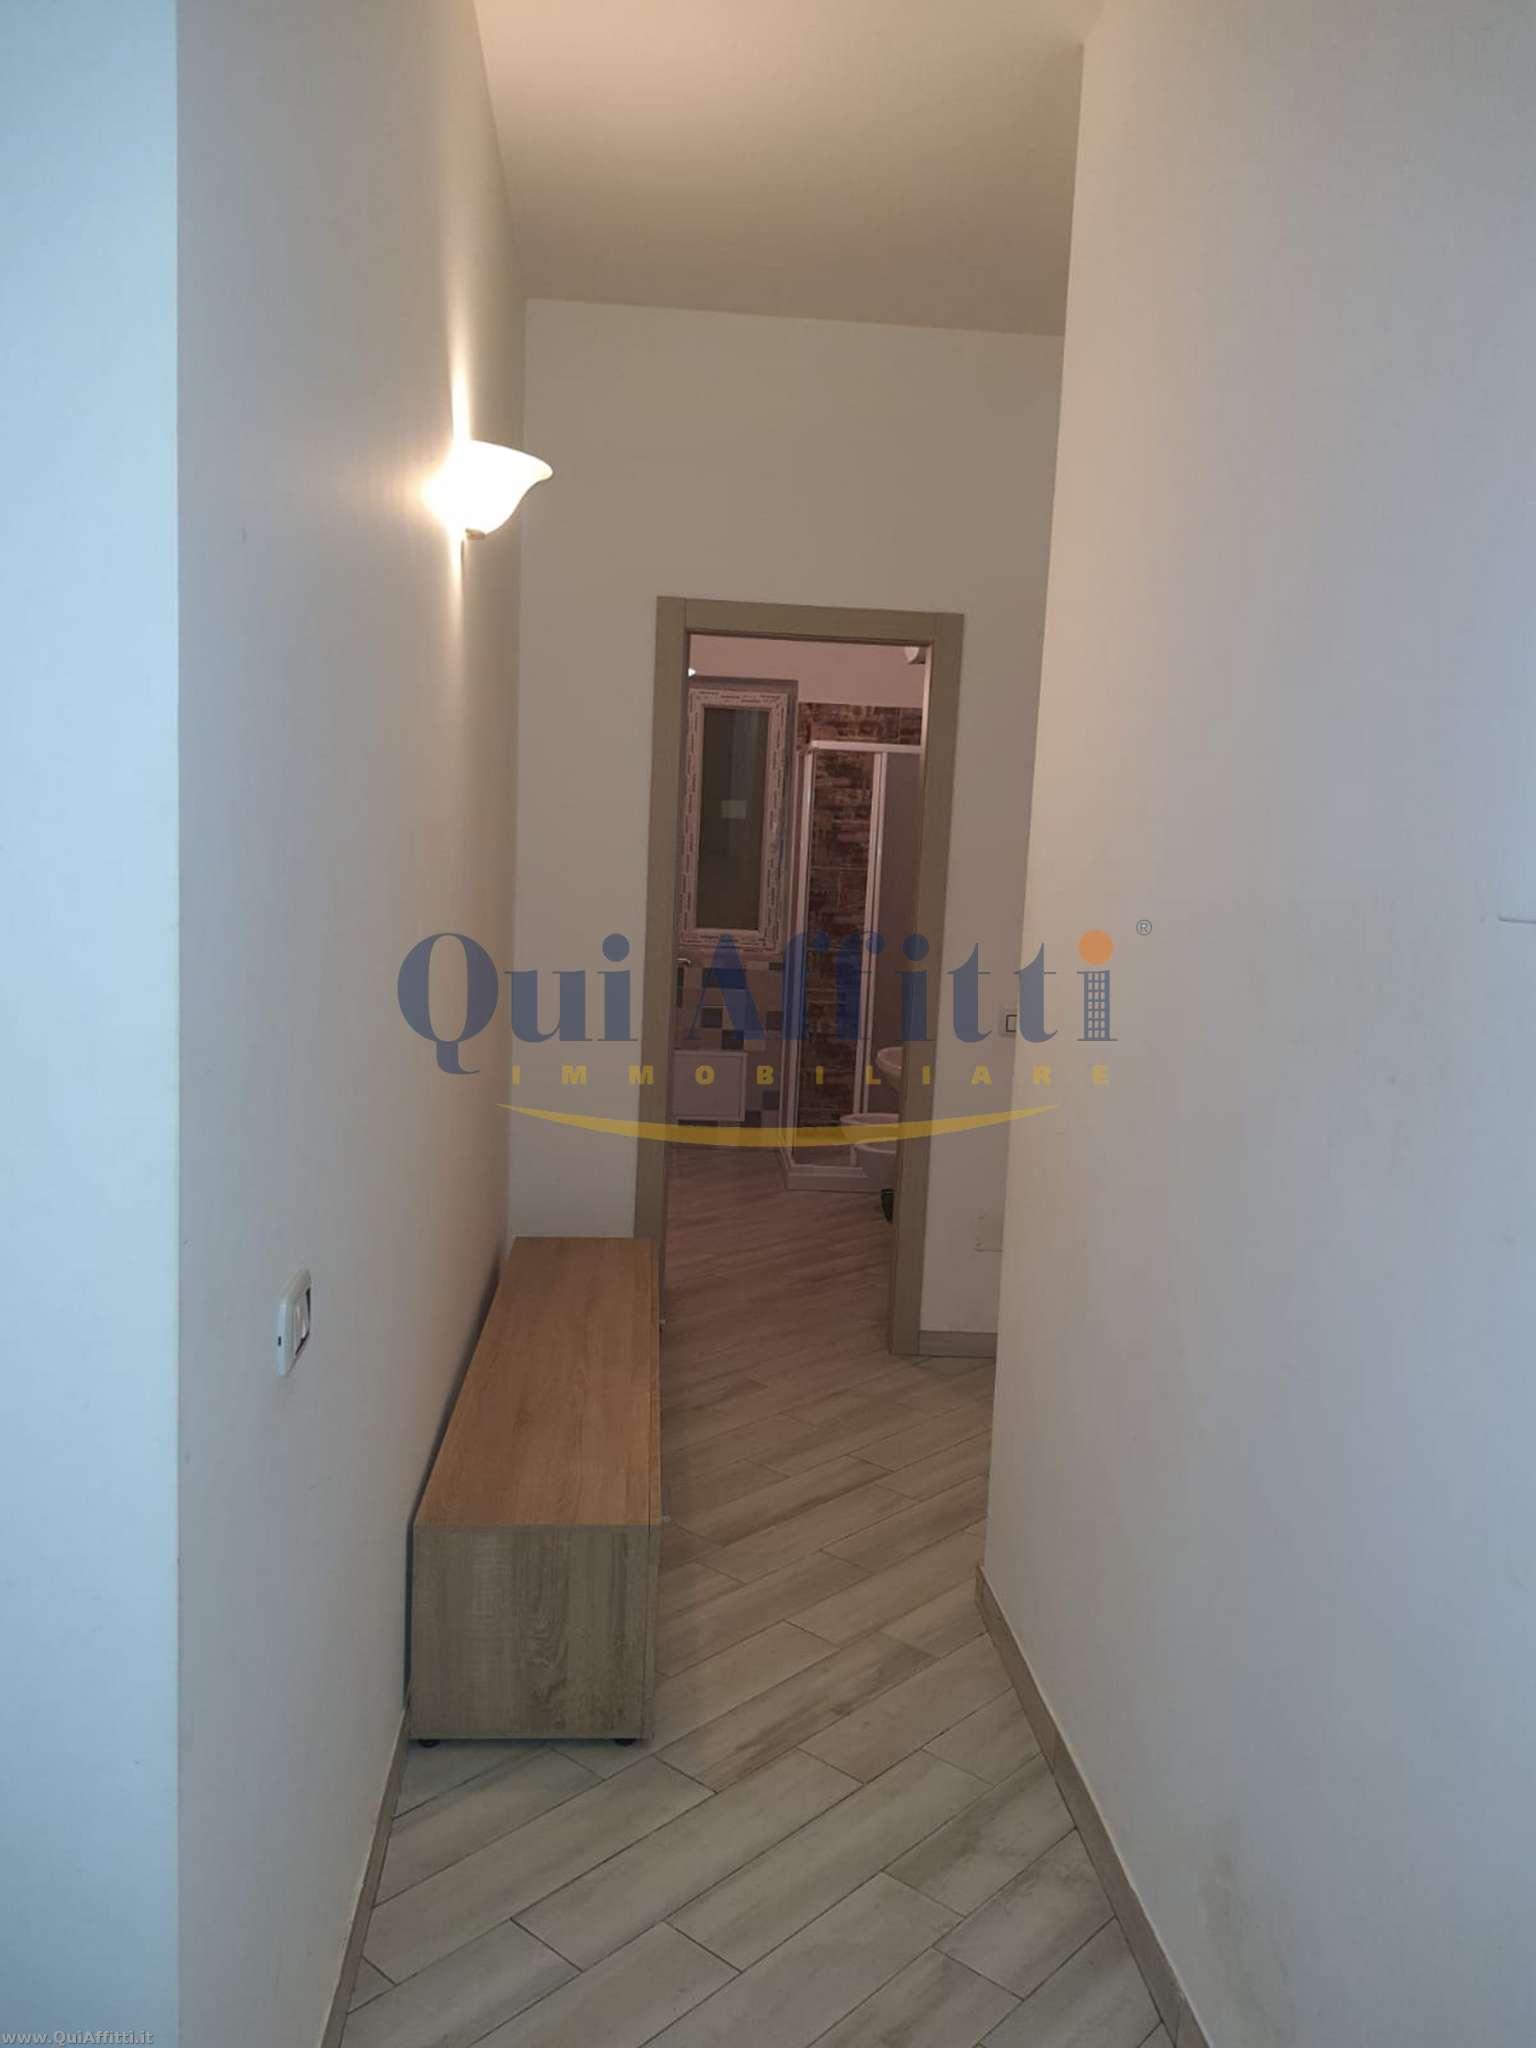 Appartamento in affitto a Andria, 9999 locali, prezzo € 420 | CambioCasa.it